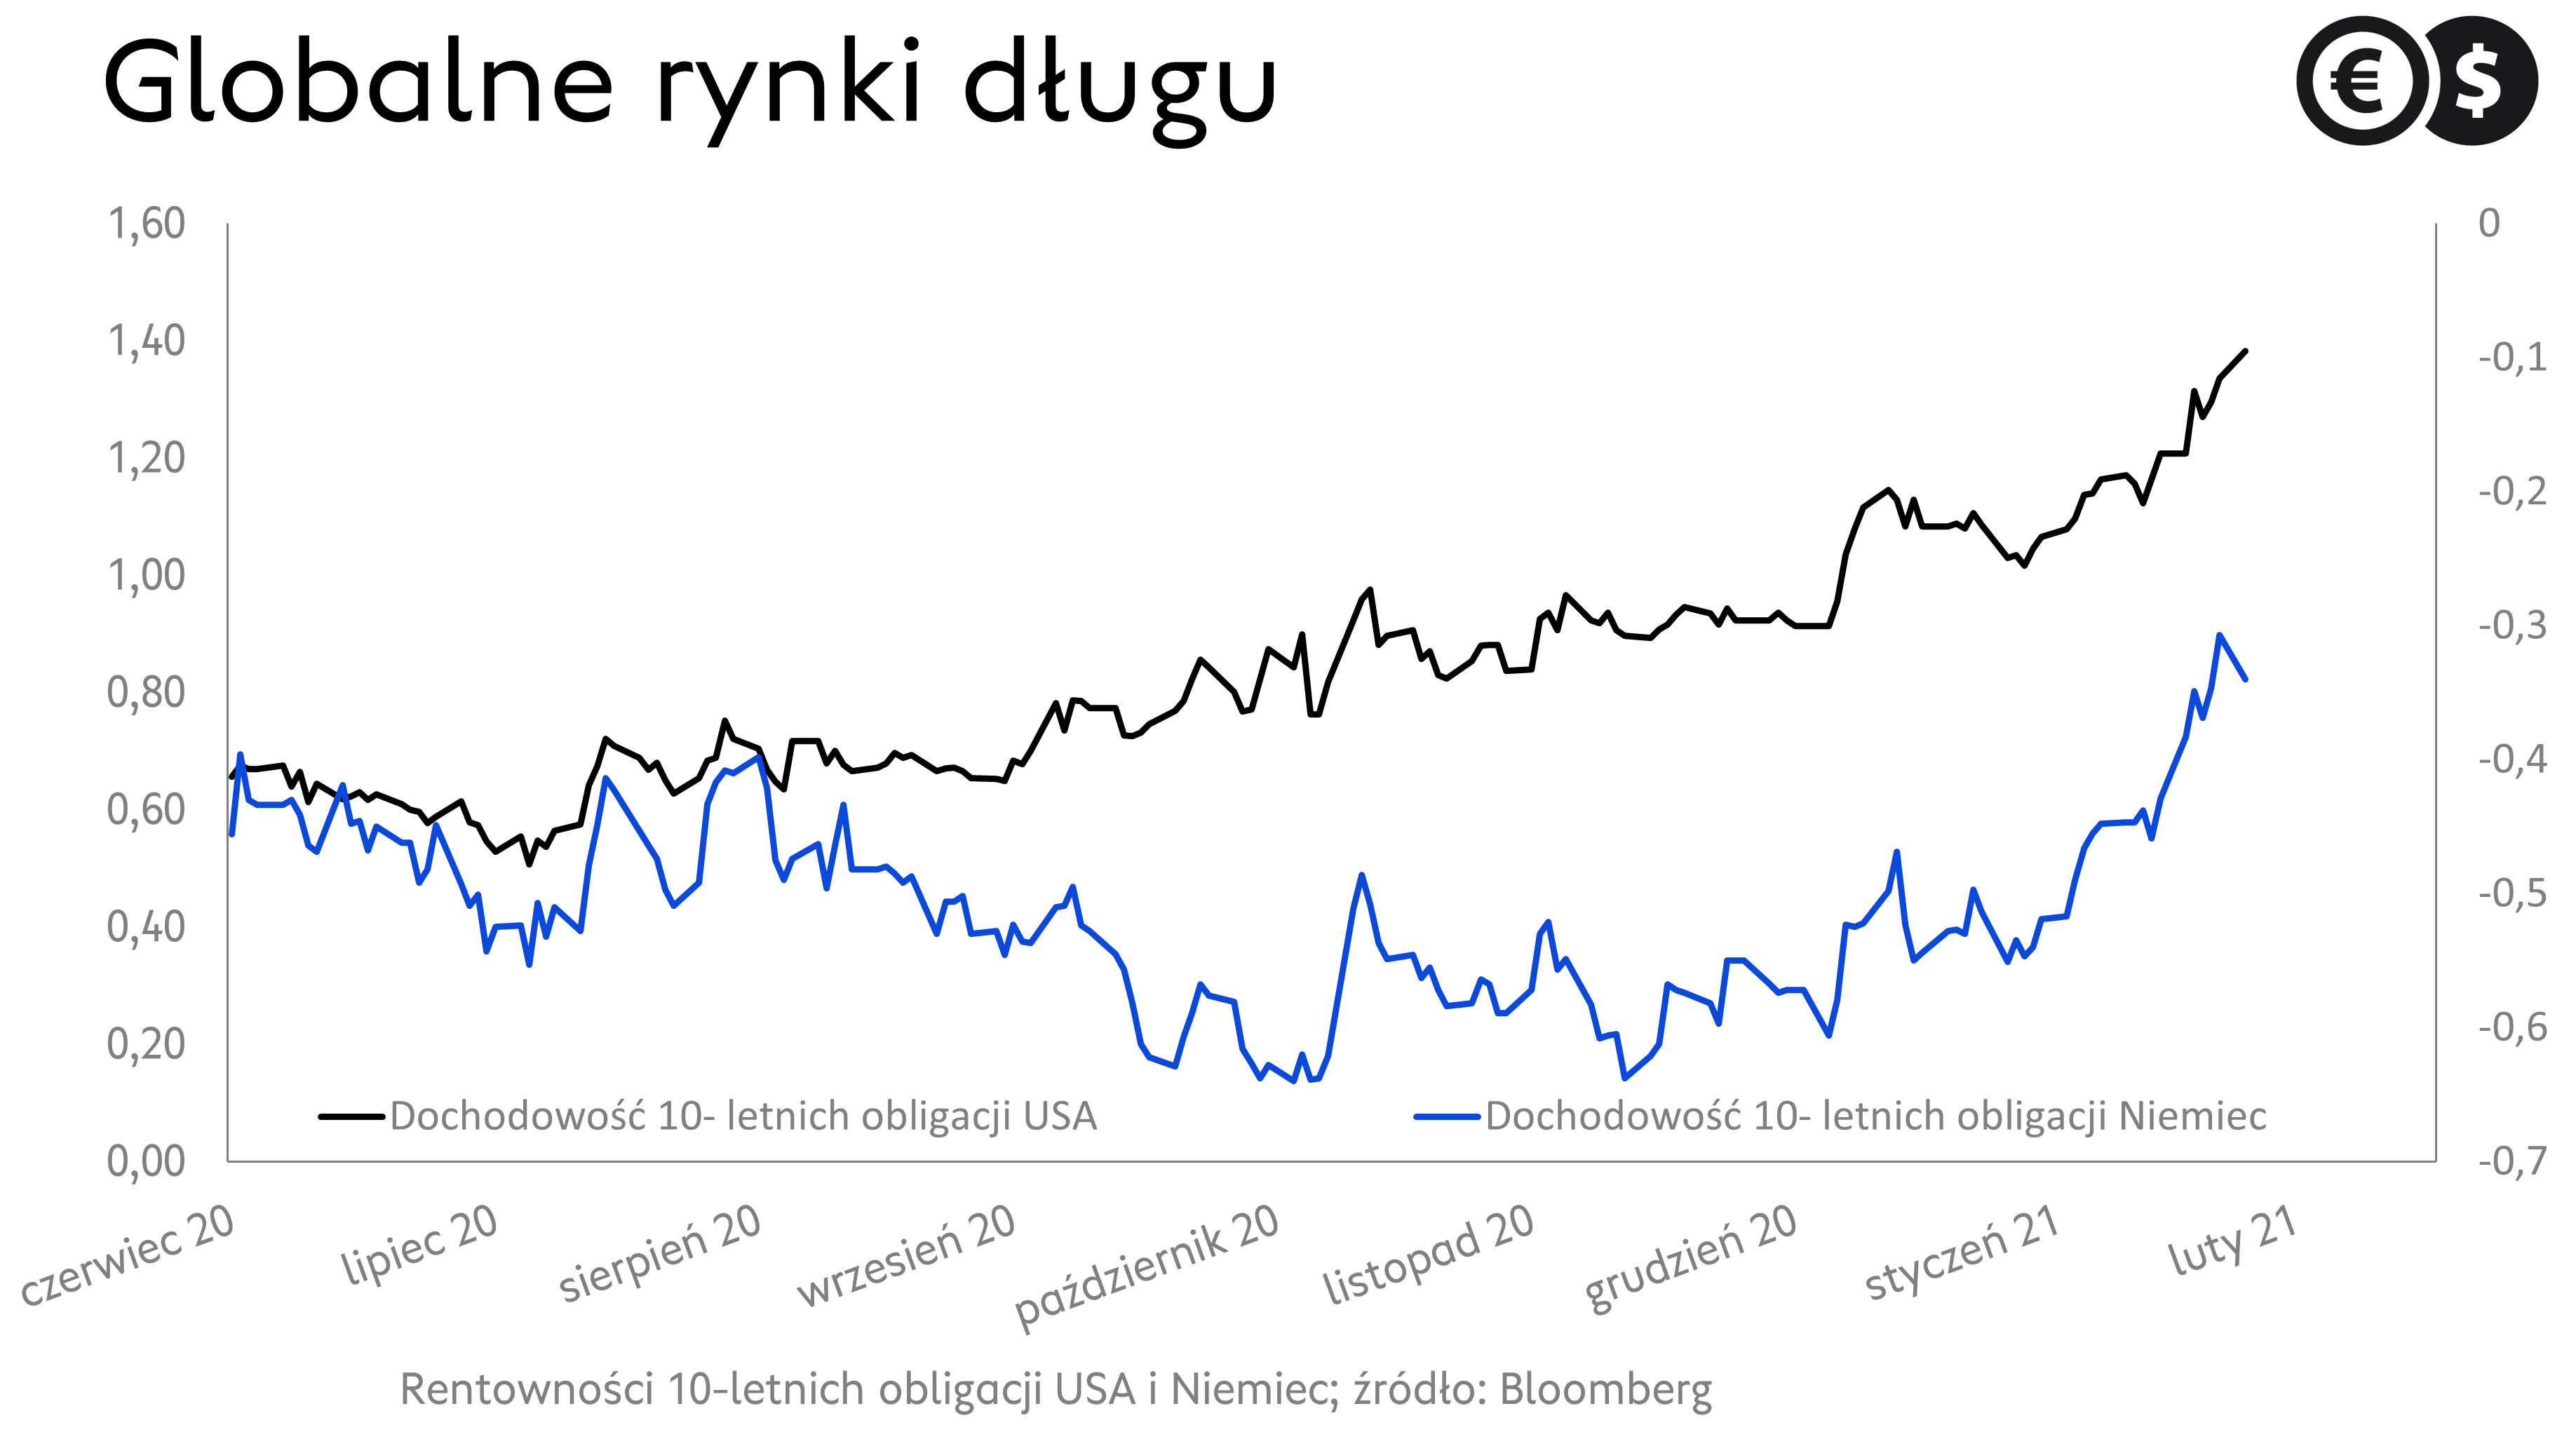 Globalne rynki długu